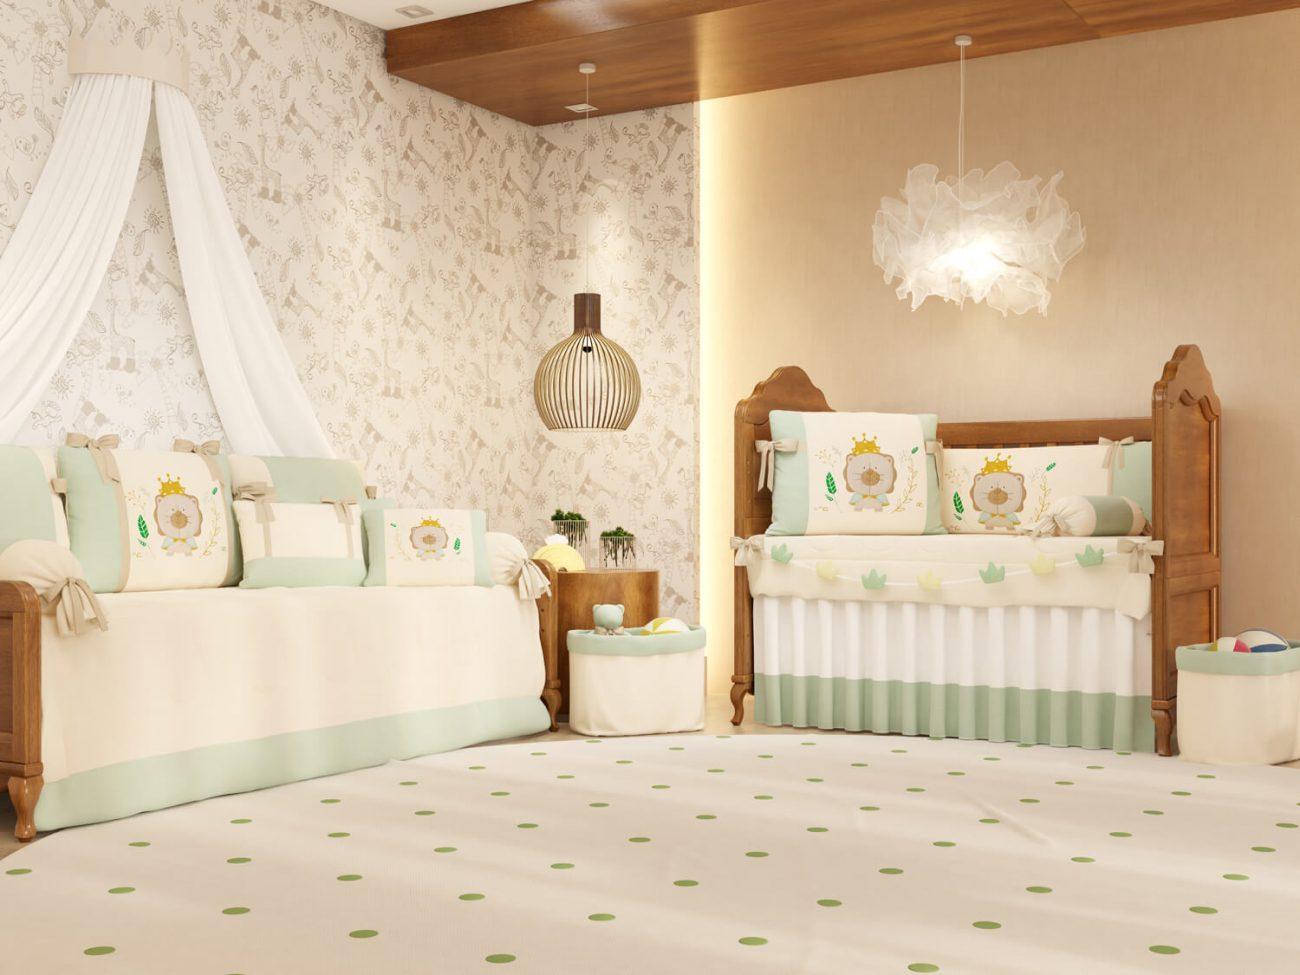 quarto-de-bebe-reizinho-da-floresta-170733